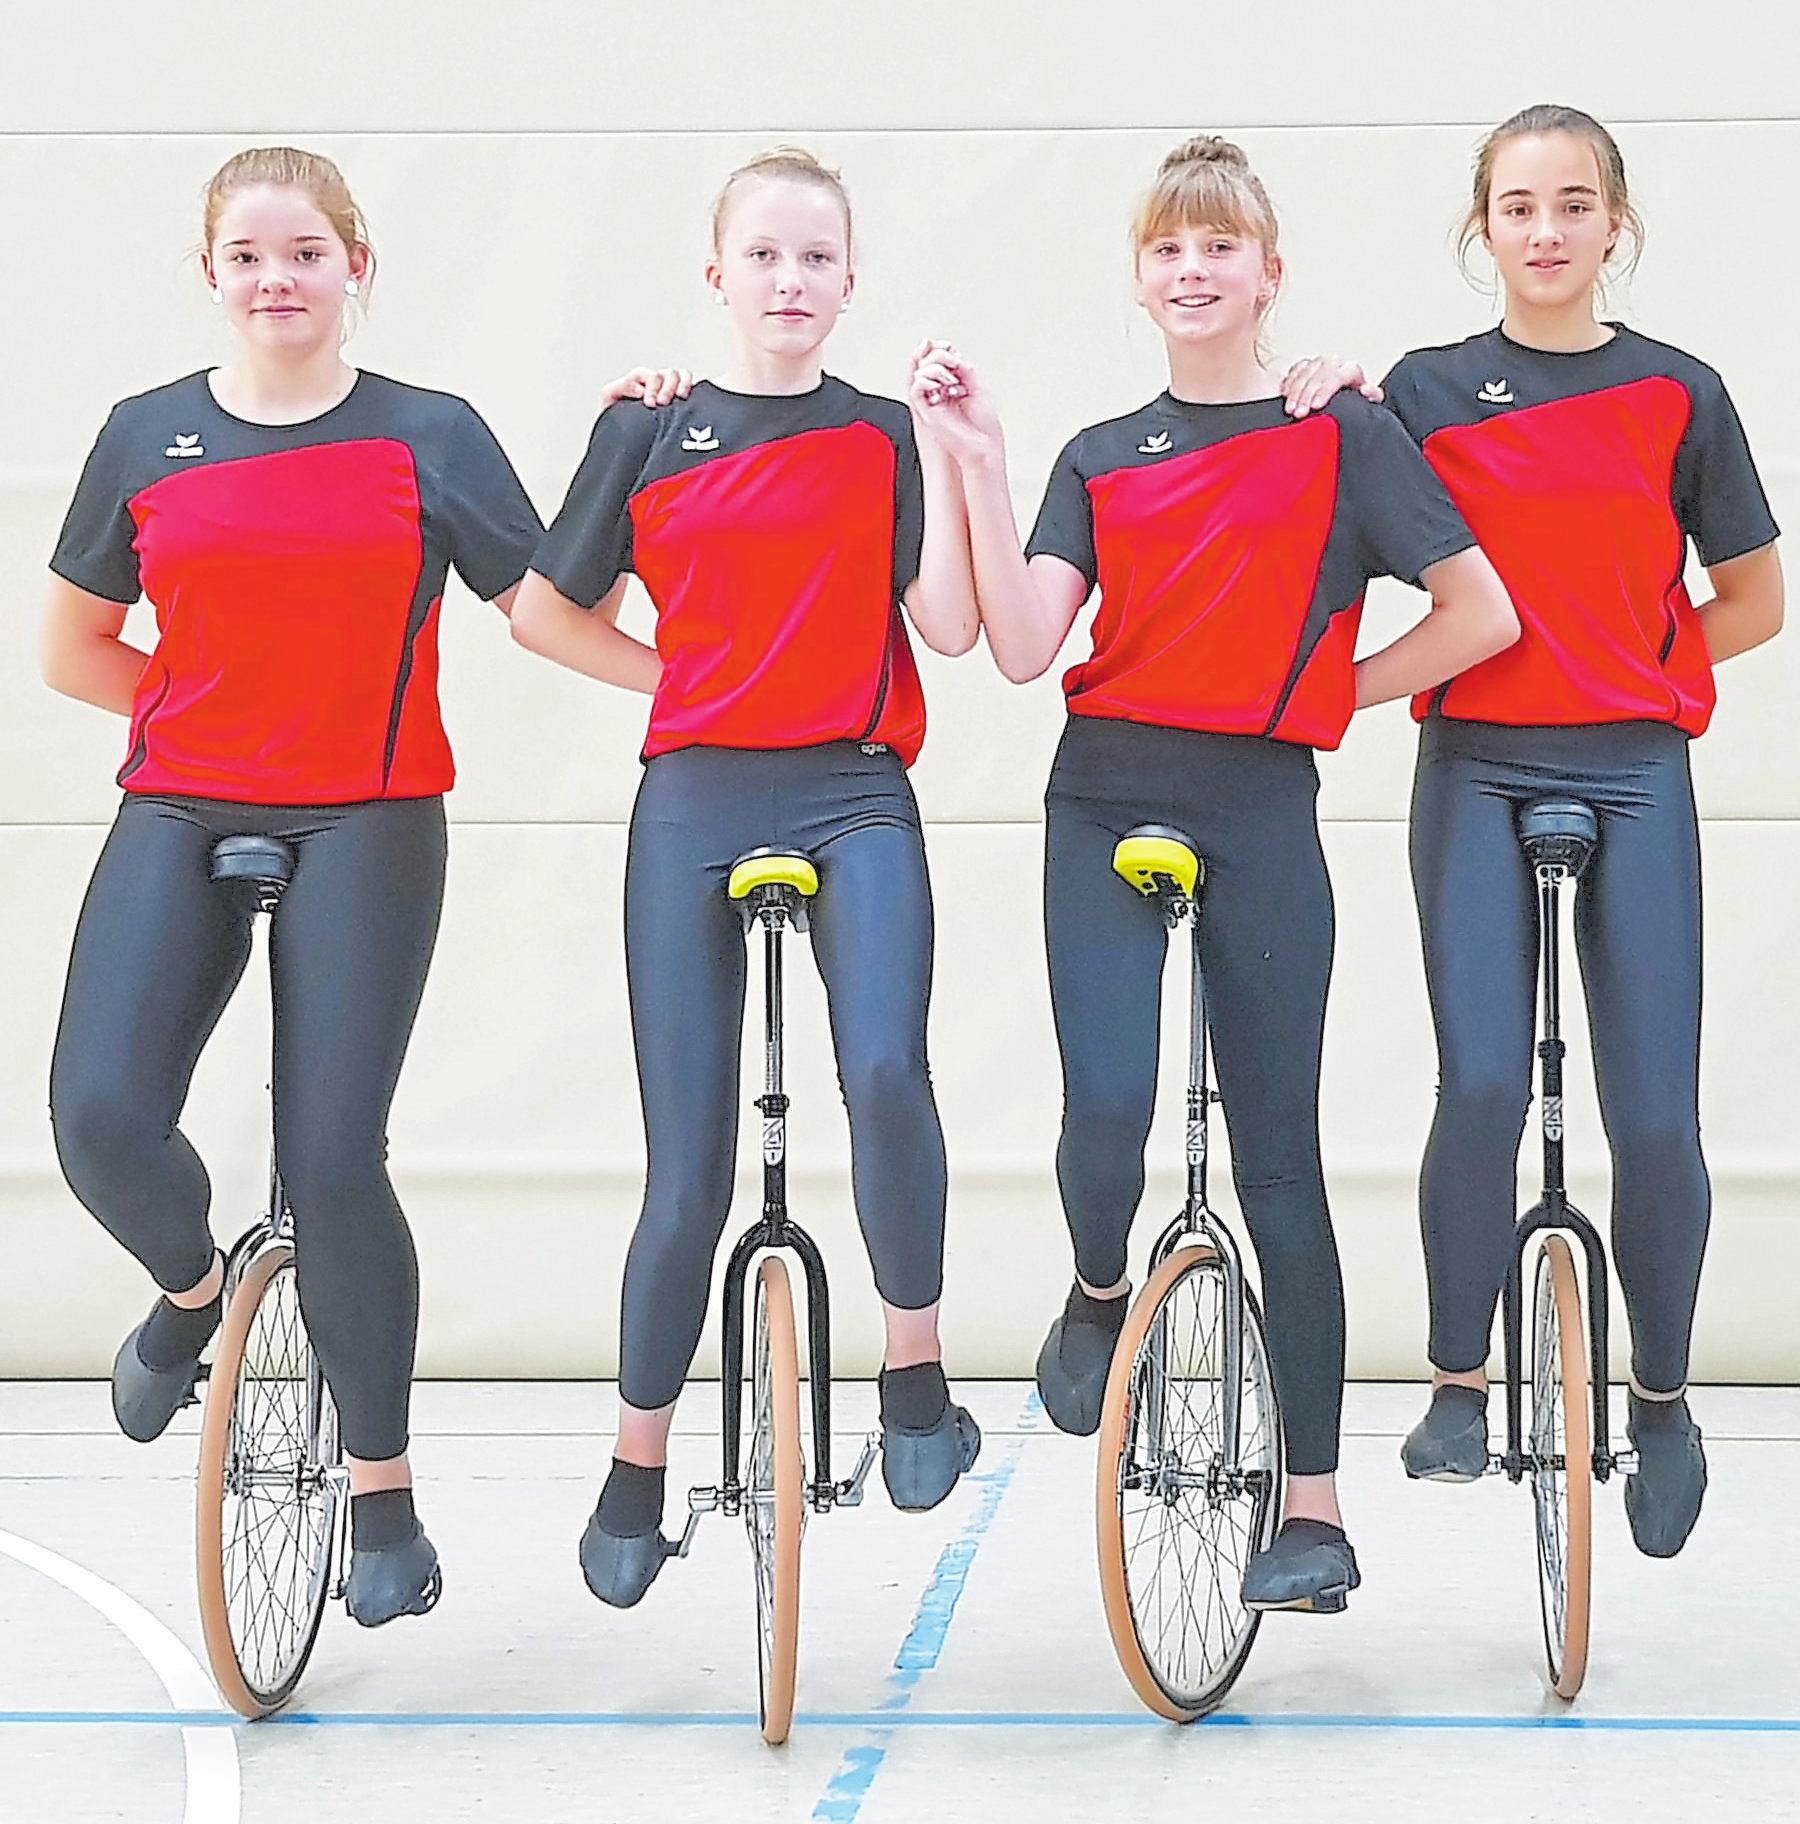 Vierer-Einrad Schülerinnen, 1. Mannschaft: Merle Sommer, Sina Lindemann, Juli Reiffenschneider, Birte Aufderhaar; 3. Platz Deutsche Meisterschaft, 1. Platz NRW-Landesmeisterschaft